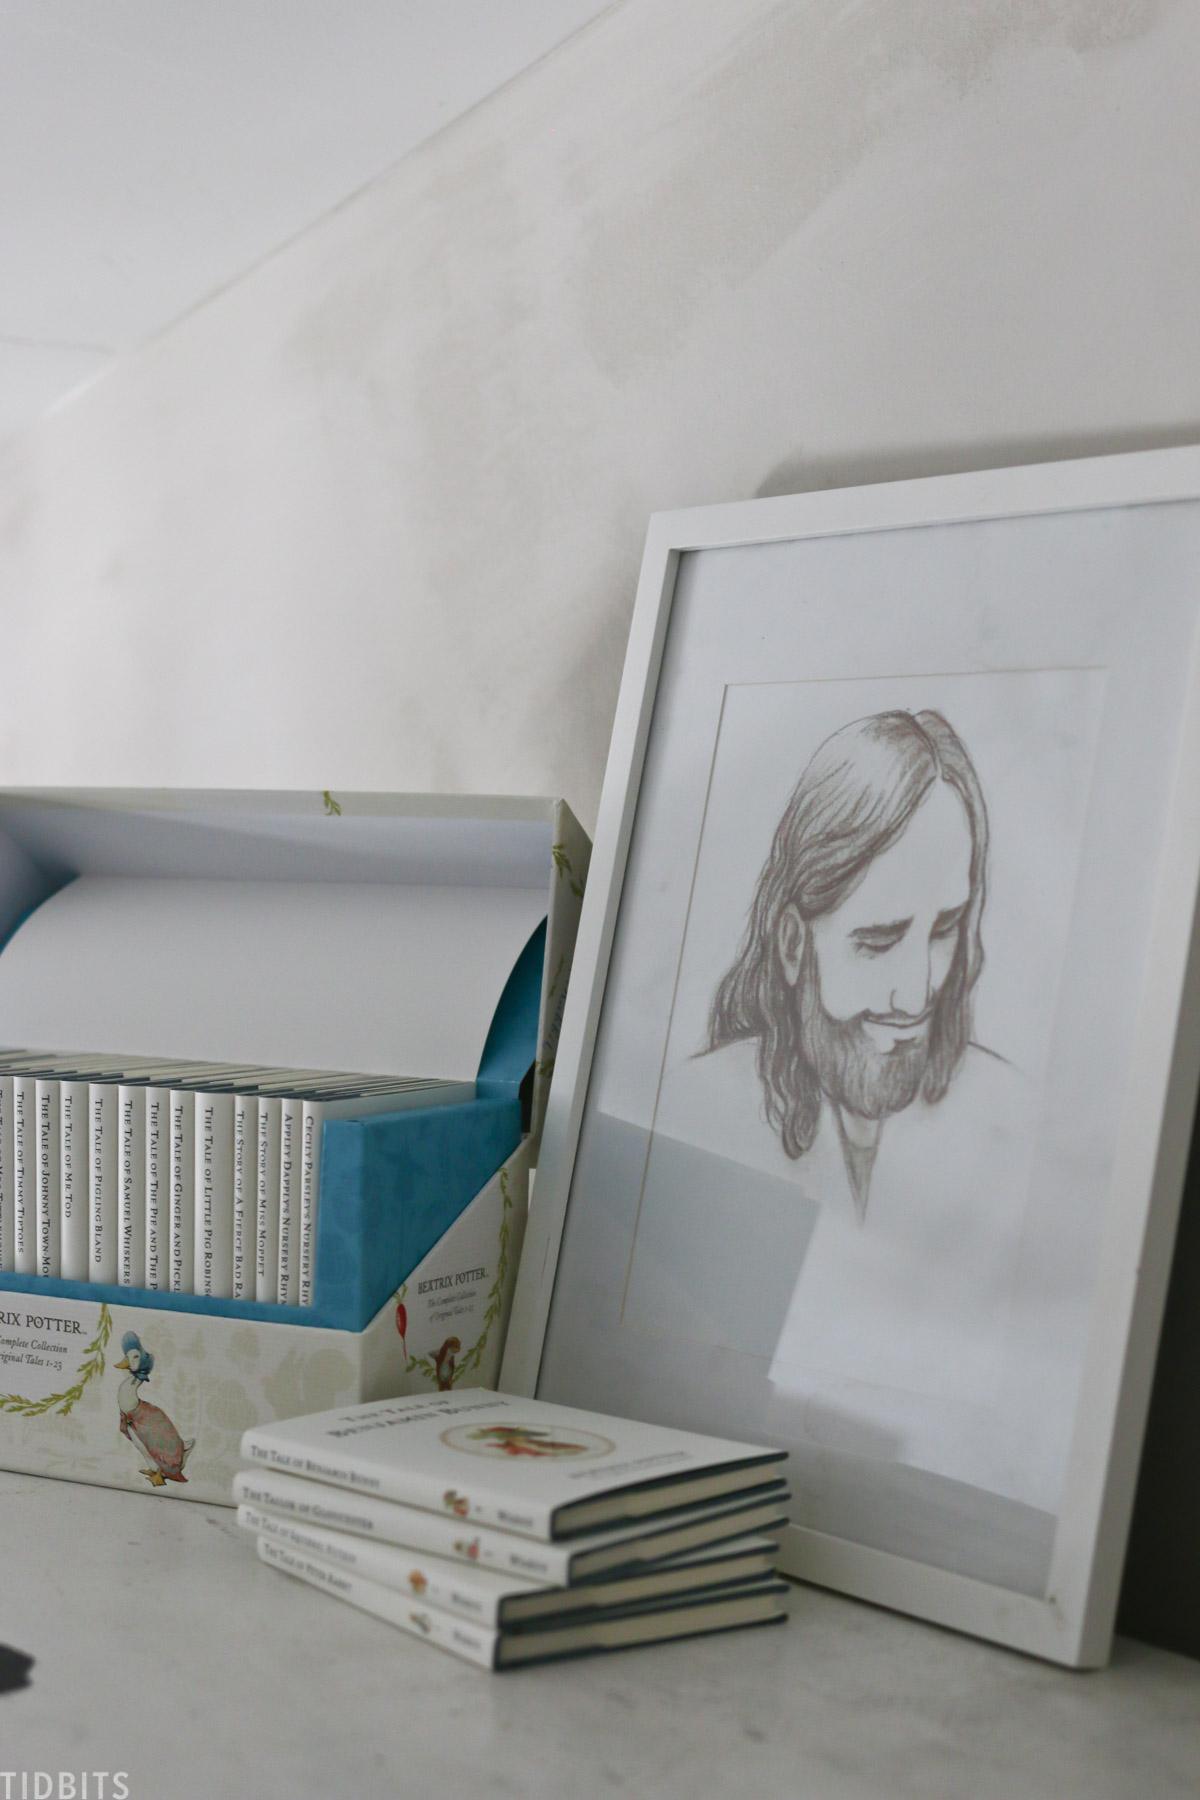 sketched portrait of Jesus Christ